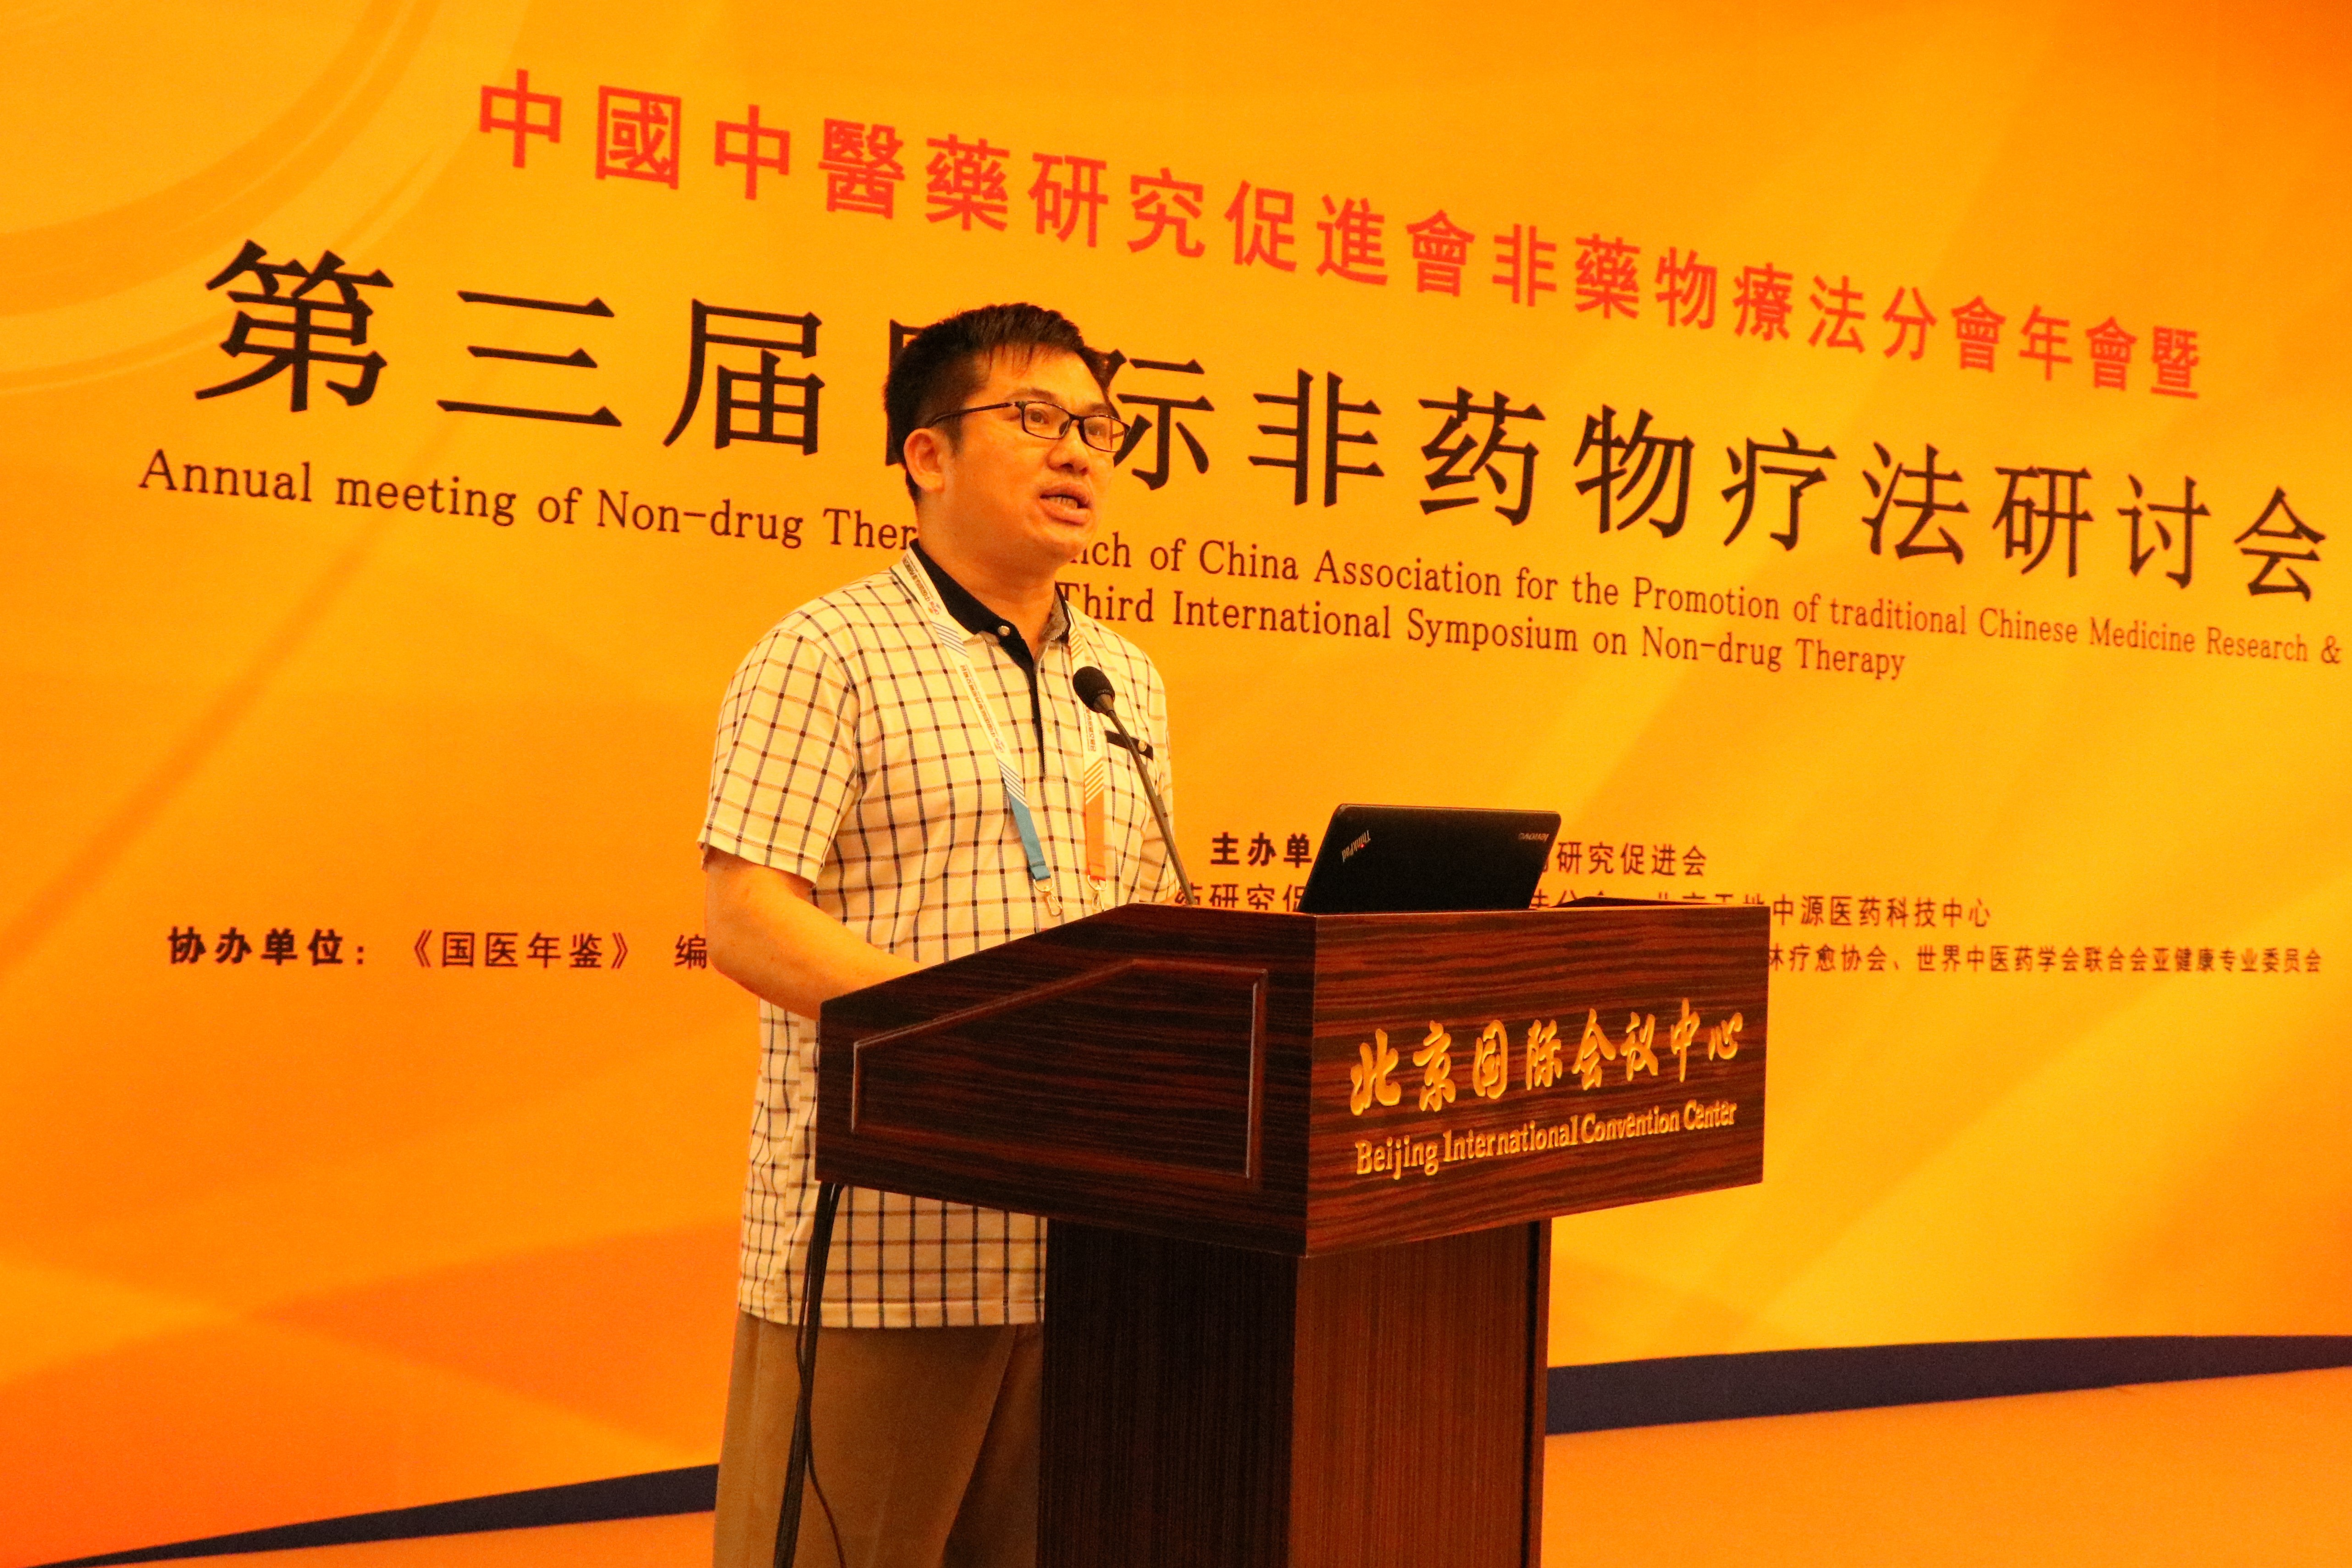 晨荷堂國醫館曾福銀教授受邀出席第三屆國際非藥物療法研討會